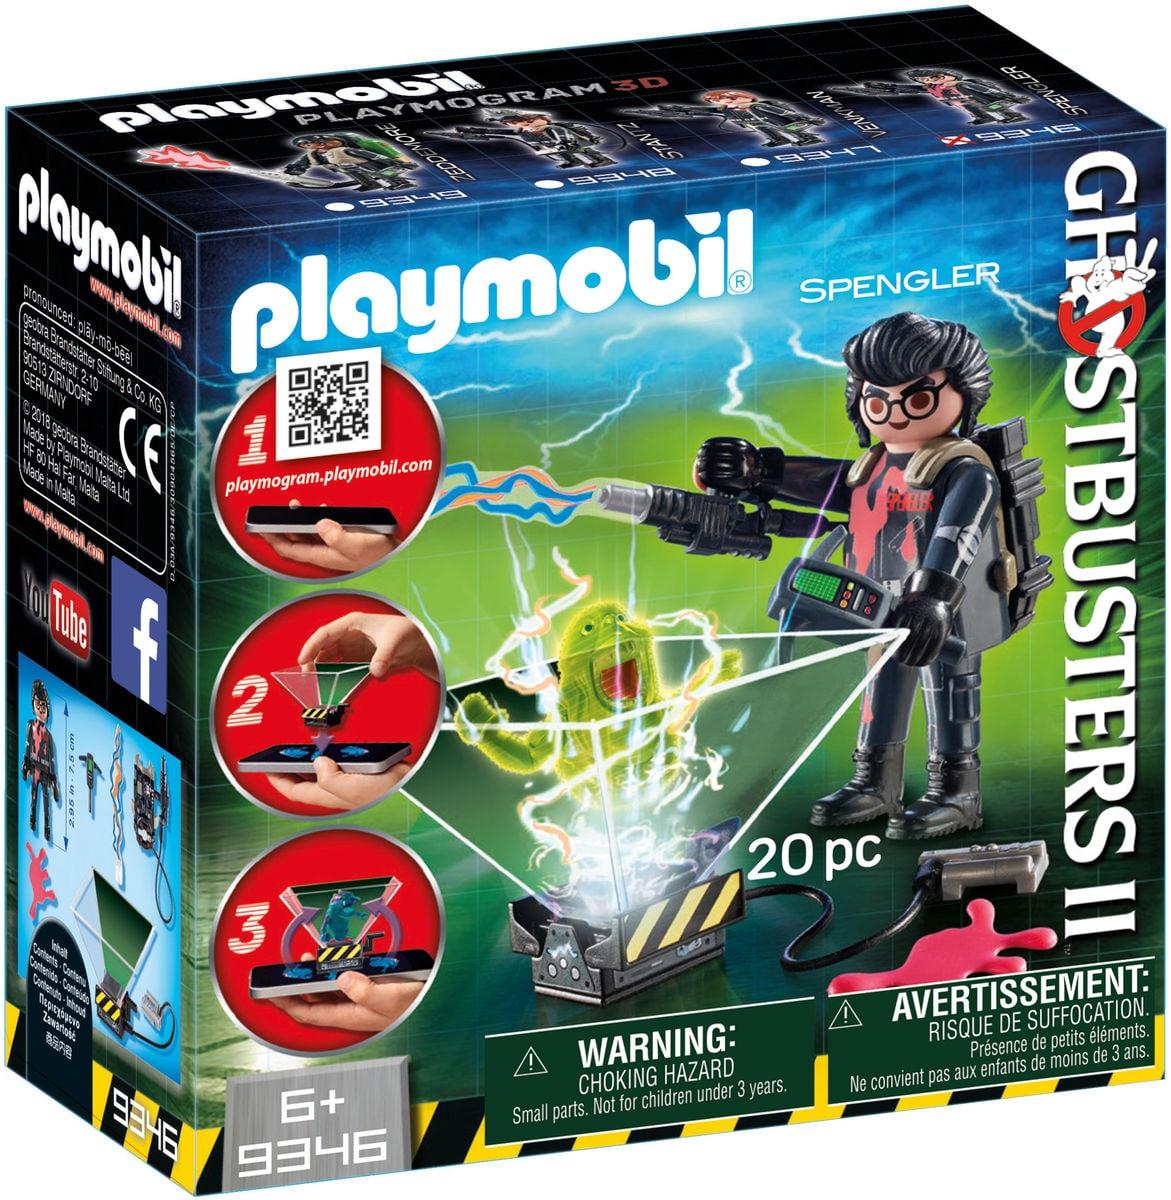 Playmobil Ghostbuster Egon Spengler